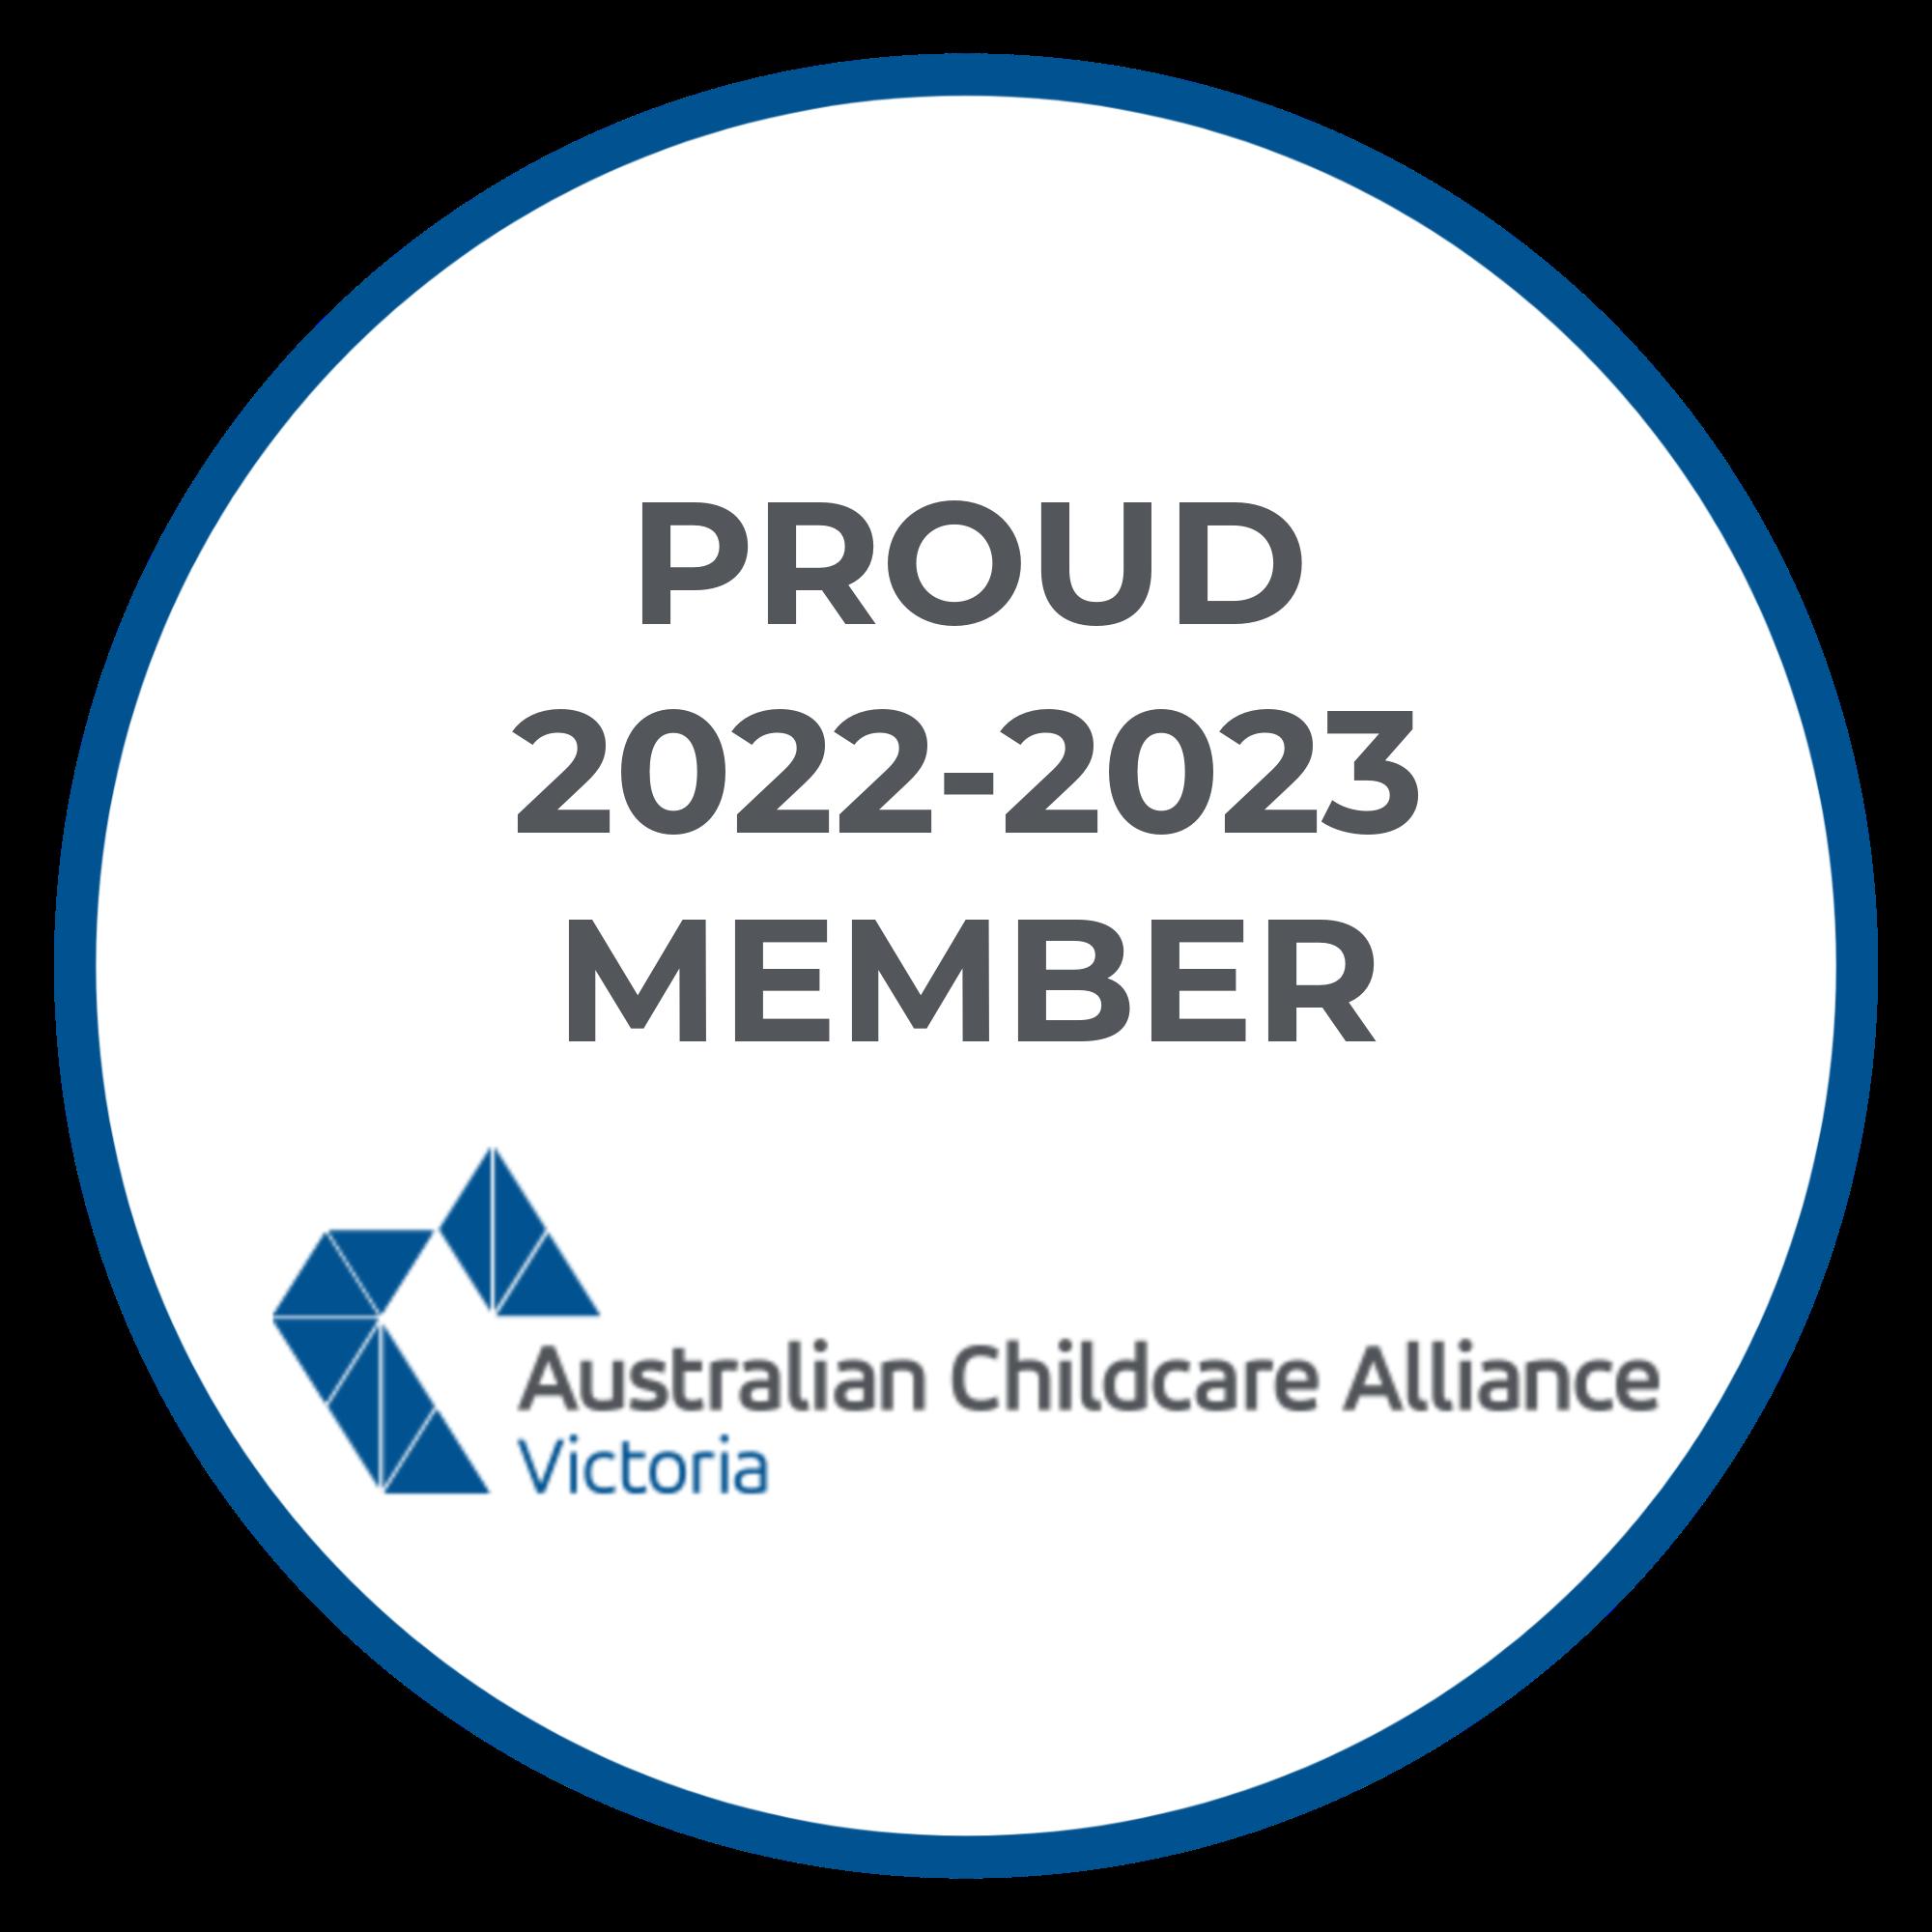 Australian Childcare Alliance Victoria